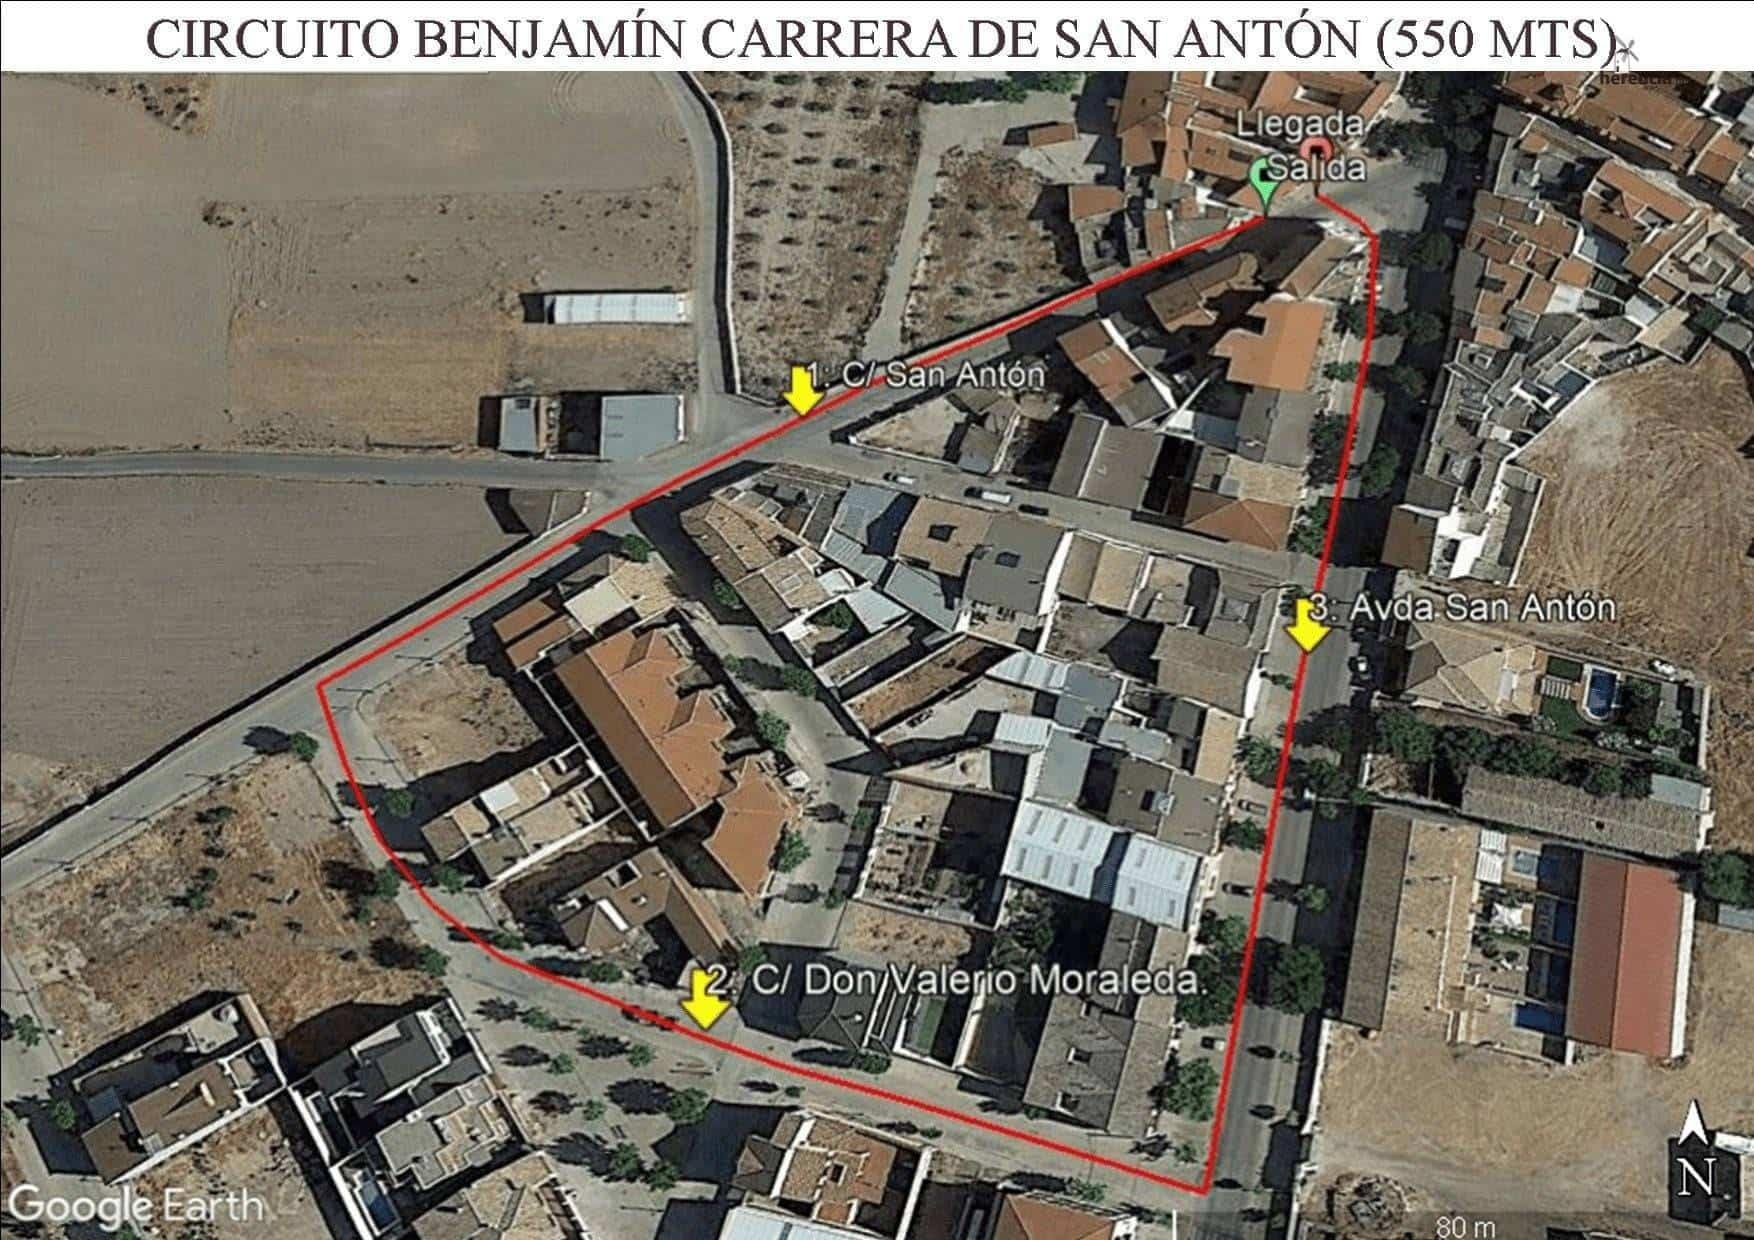 circuito benjamin CPSA - XVIII Carrera popular de San Antón contra el cáncer